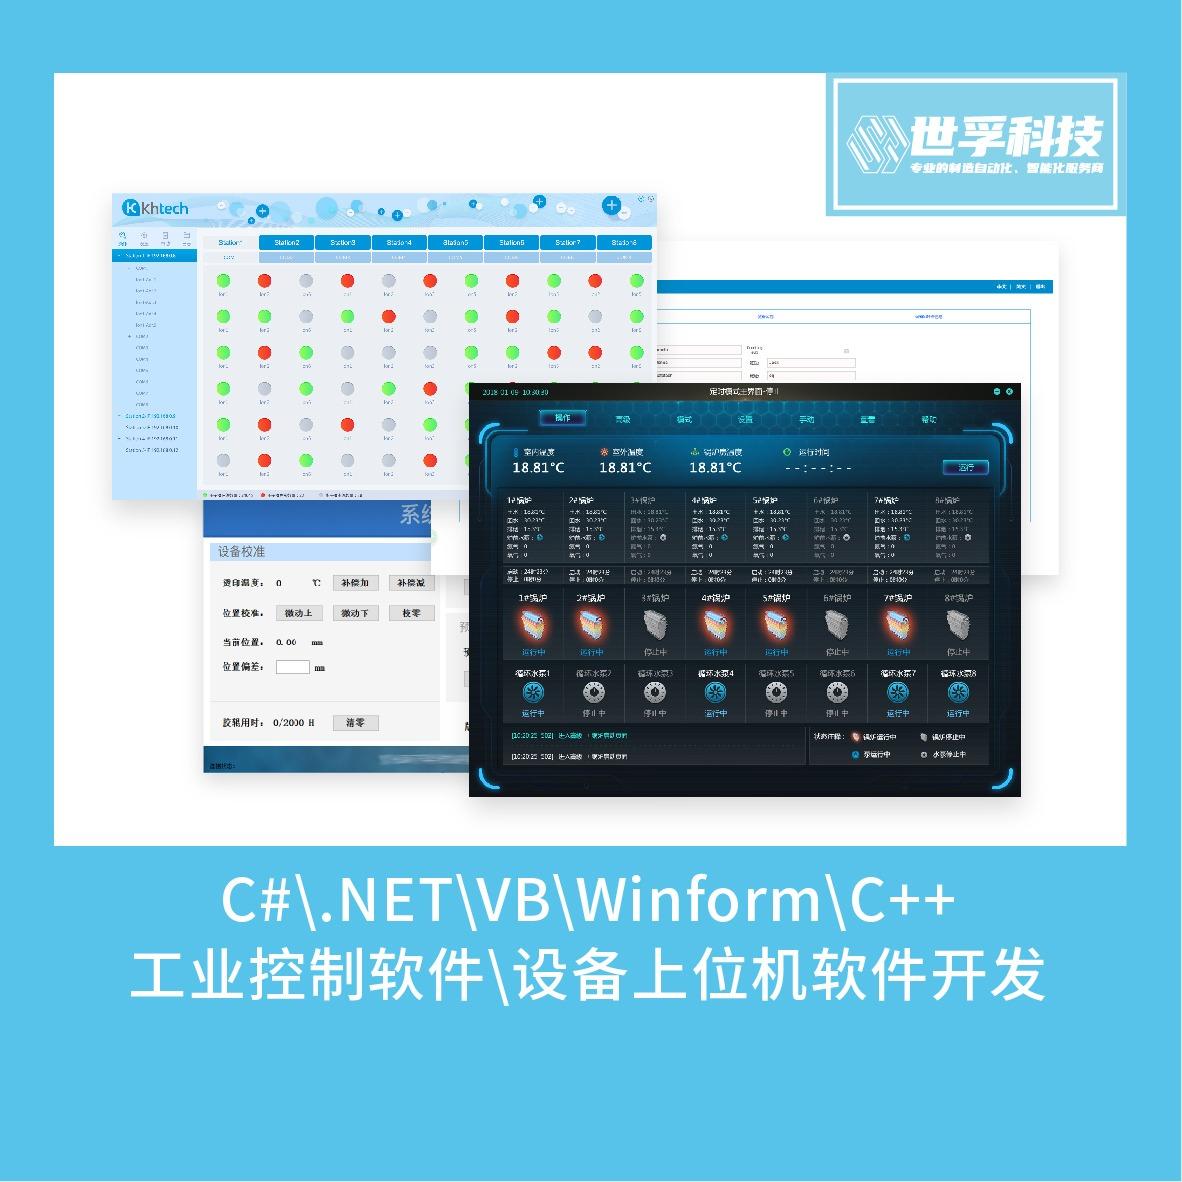 上位机C++/C#/.NET PLC工业设备监控控制 软件  开发